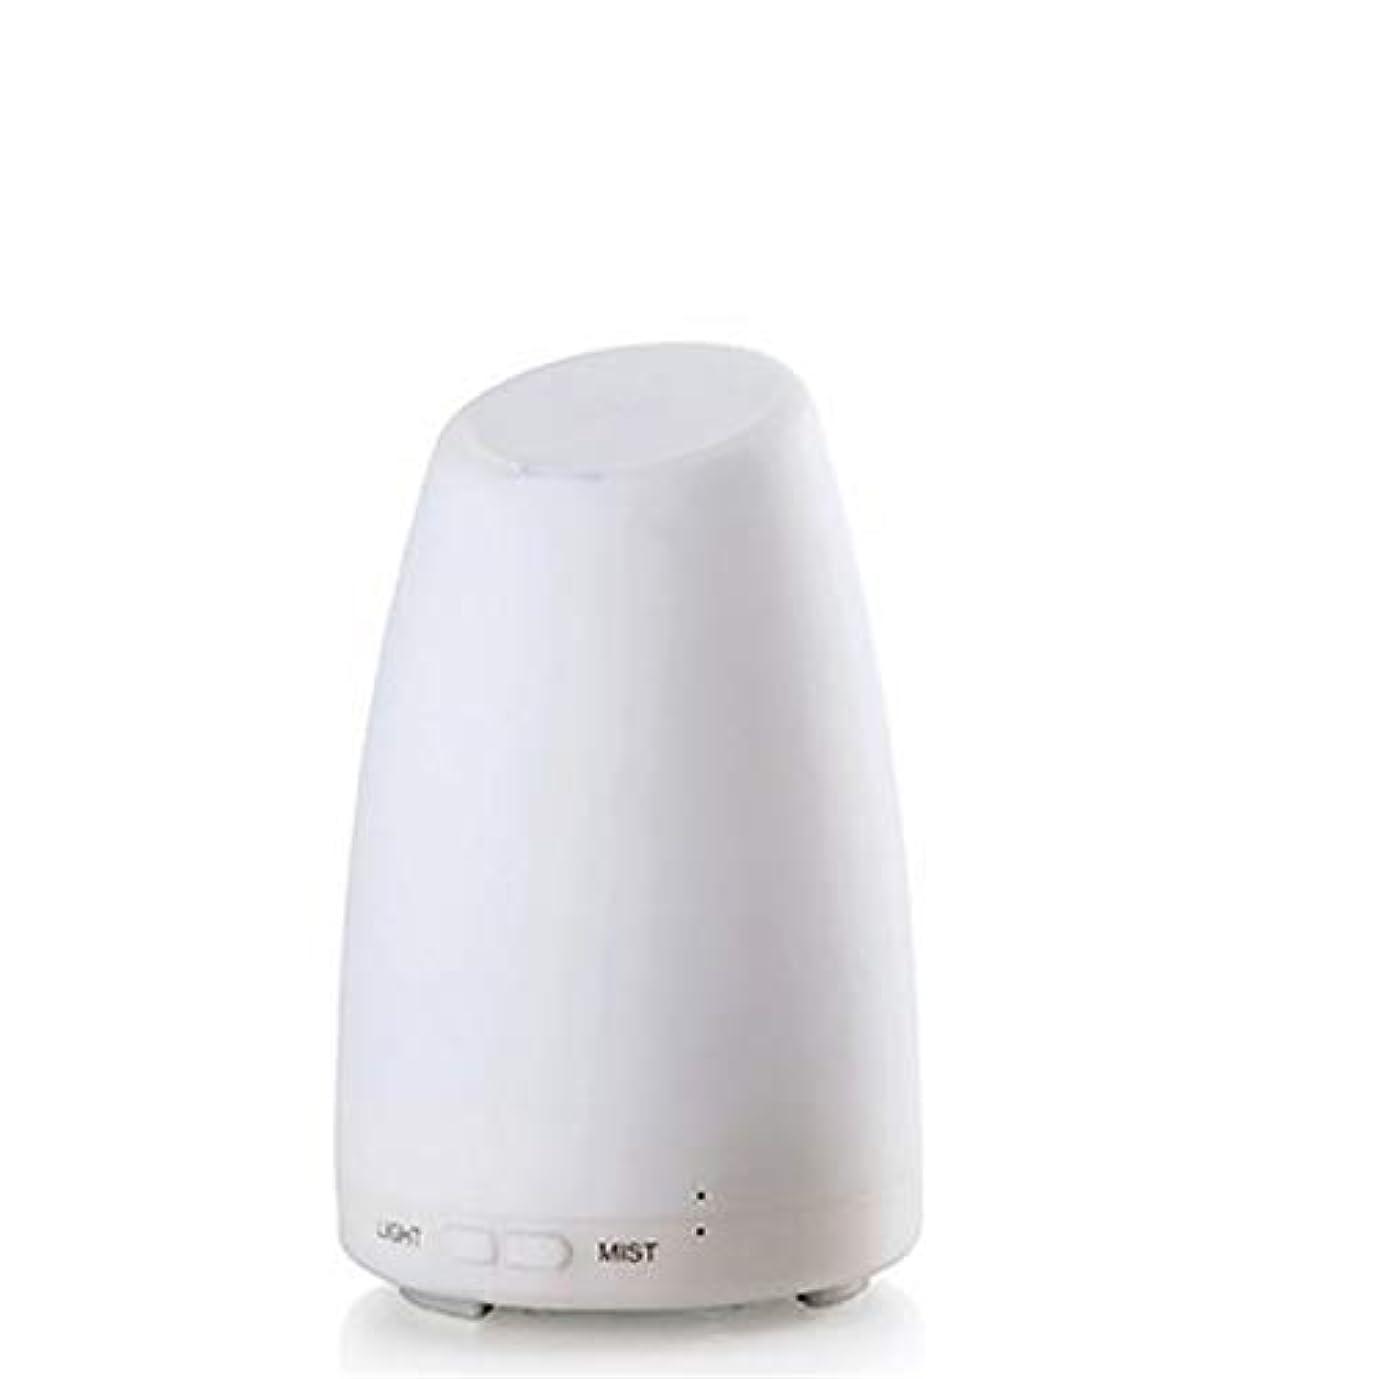 キッチン予測子安西エッセンシャルオイルディフューザー、霧コントロール4h 使用、低水自動シャットダウン、7種類の LED ライト、家庭、オフィス、寝室、家族のベビールームとの超音波 100 ml アロマディフューザー